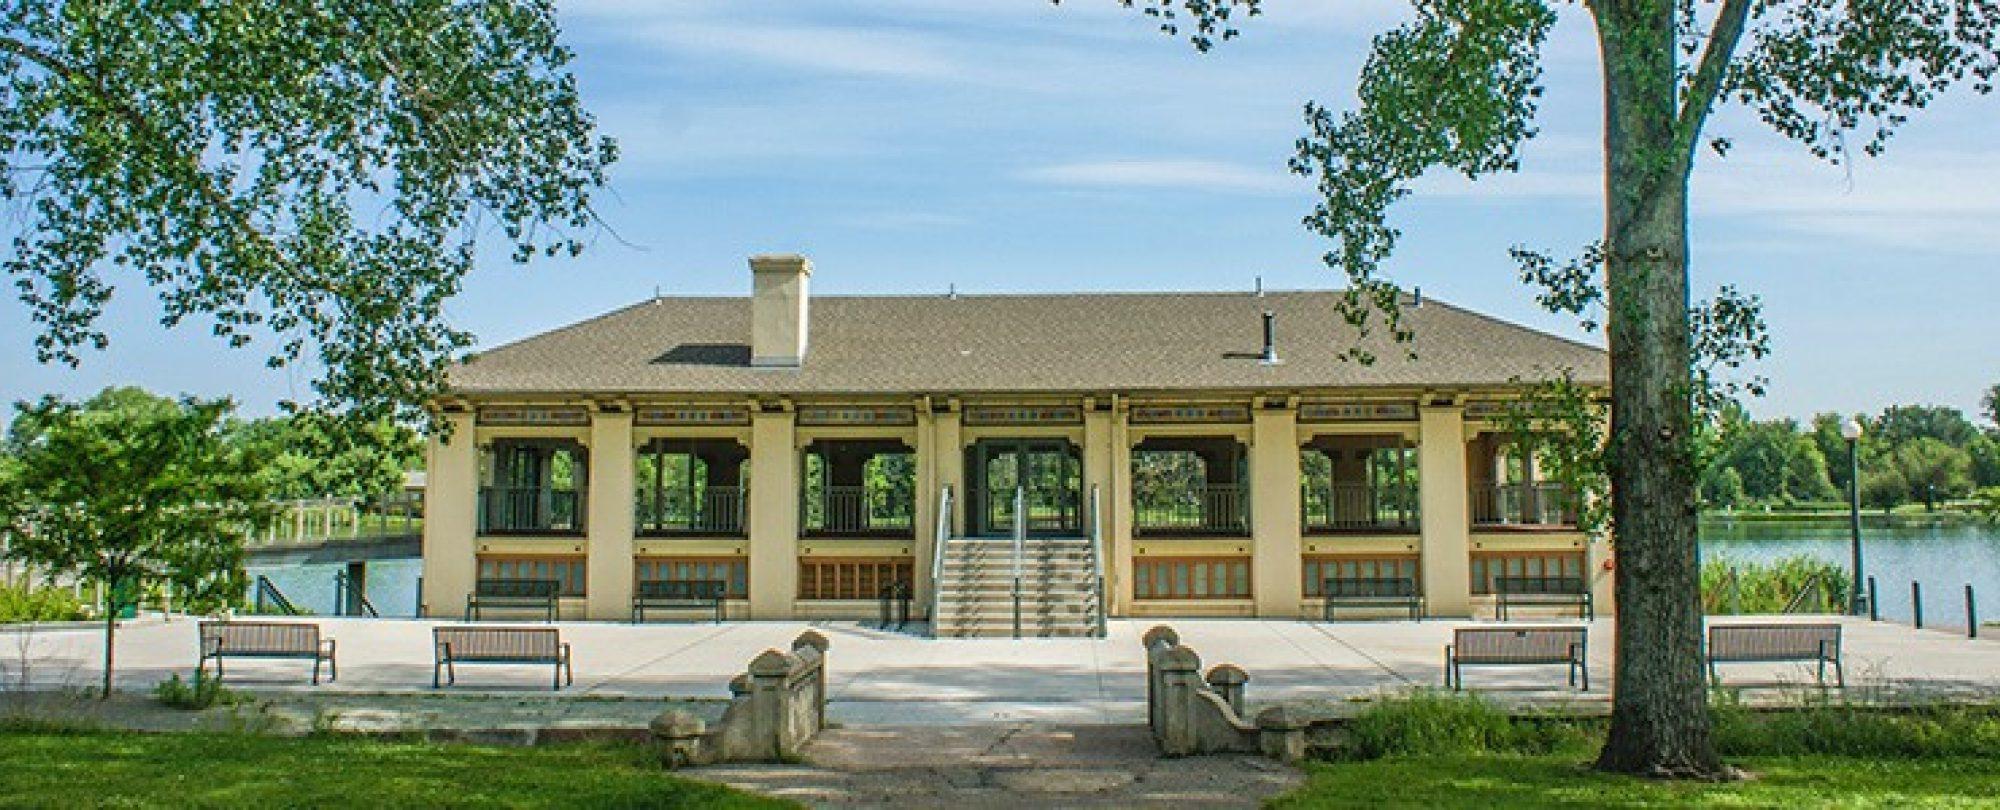 Washington Park Boathouse